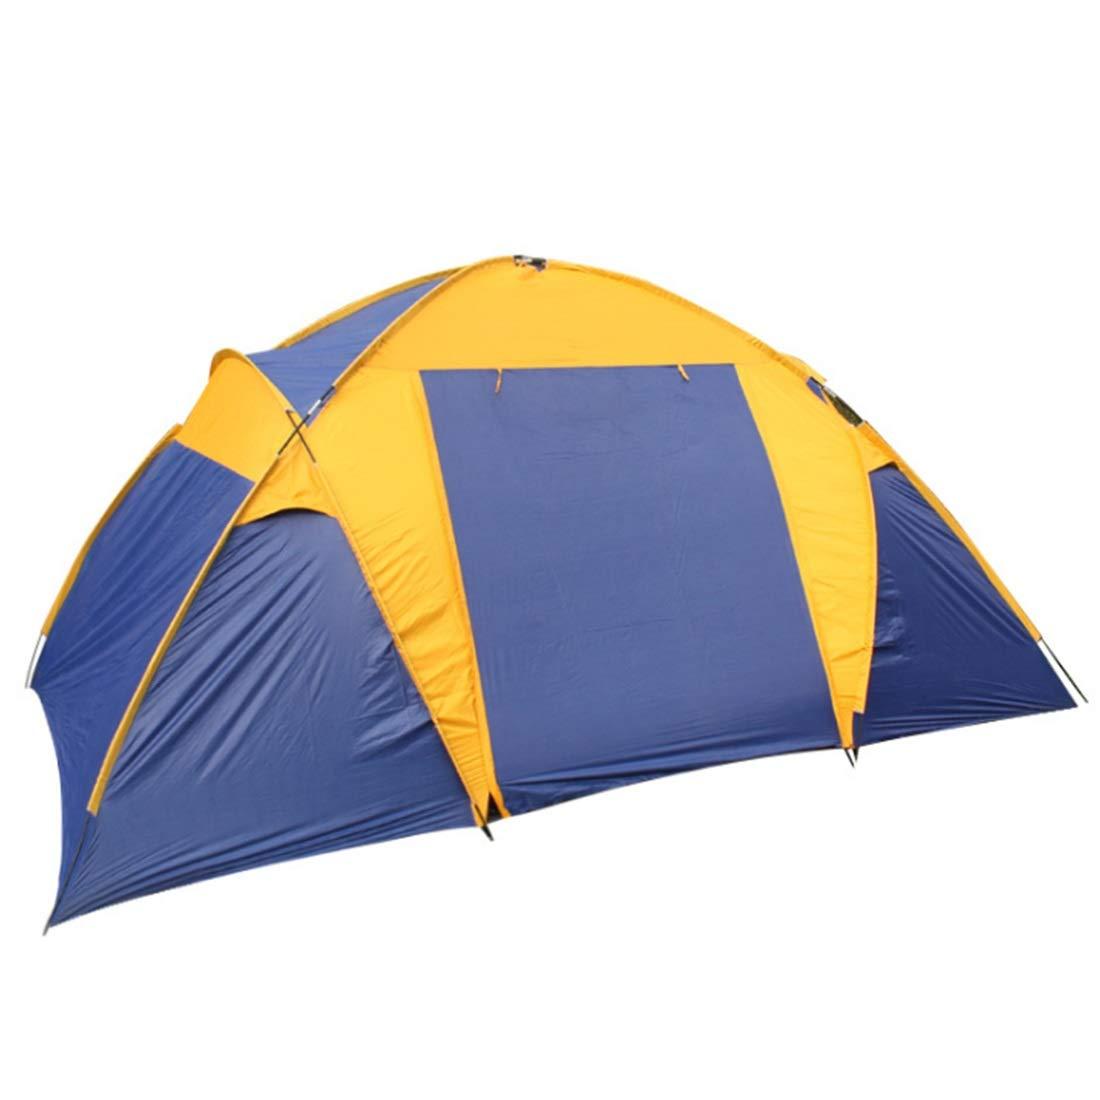 JANFELICIA 5 Personen Zwei Zimmer und EIN Wohnzimmer Outdoor-Zelt für Wilde Camping (Farbe : Blau)